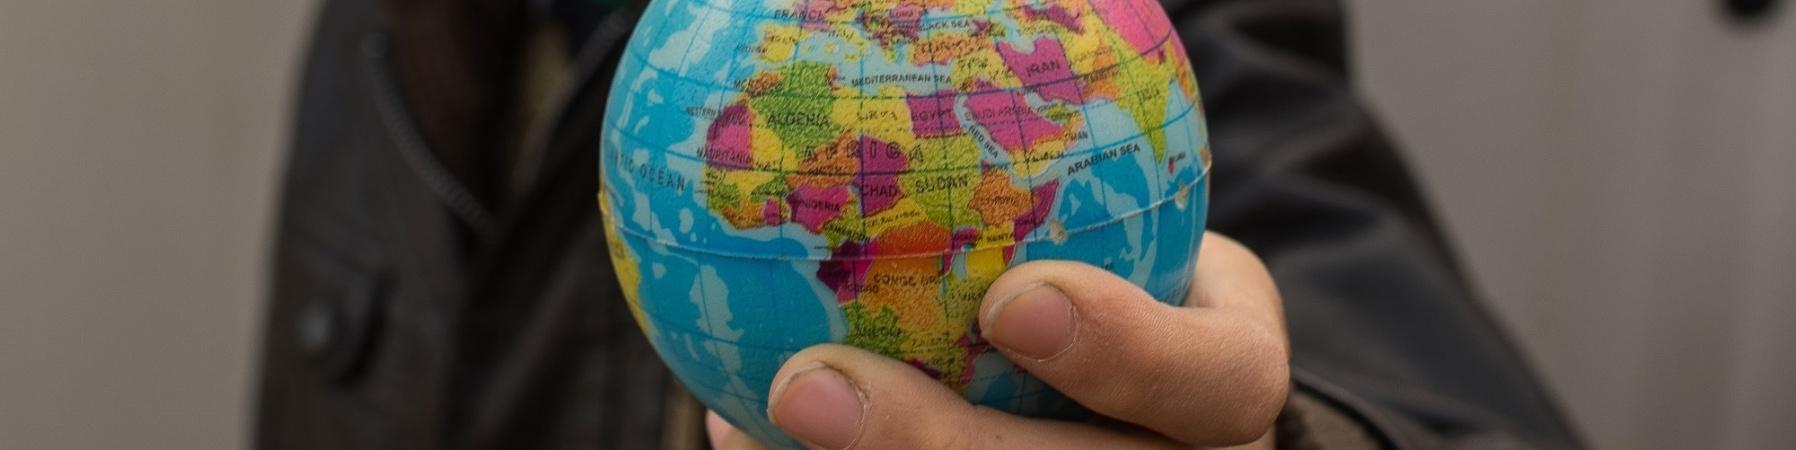 bambino tiene in mano un piccolo mappamondo